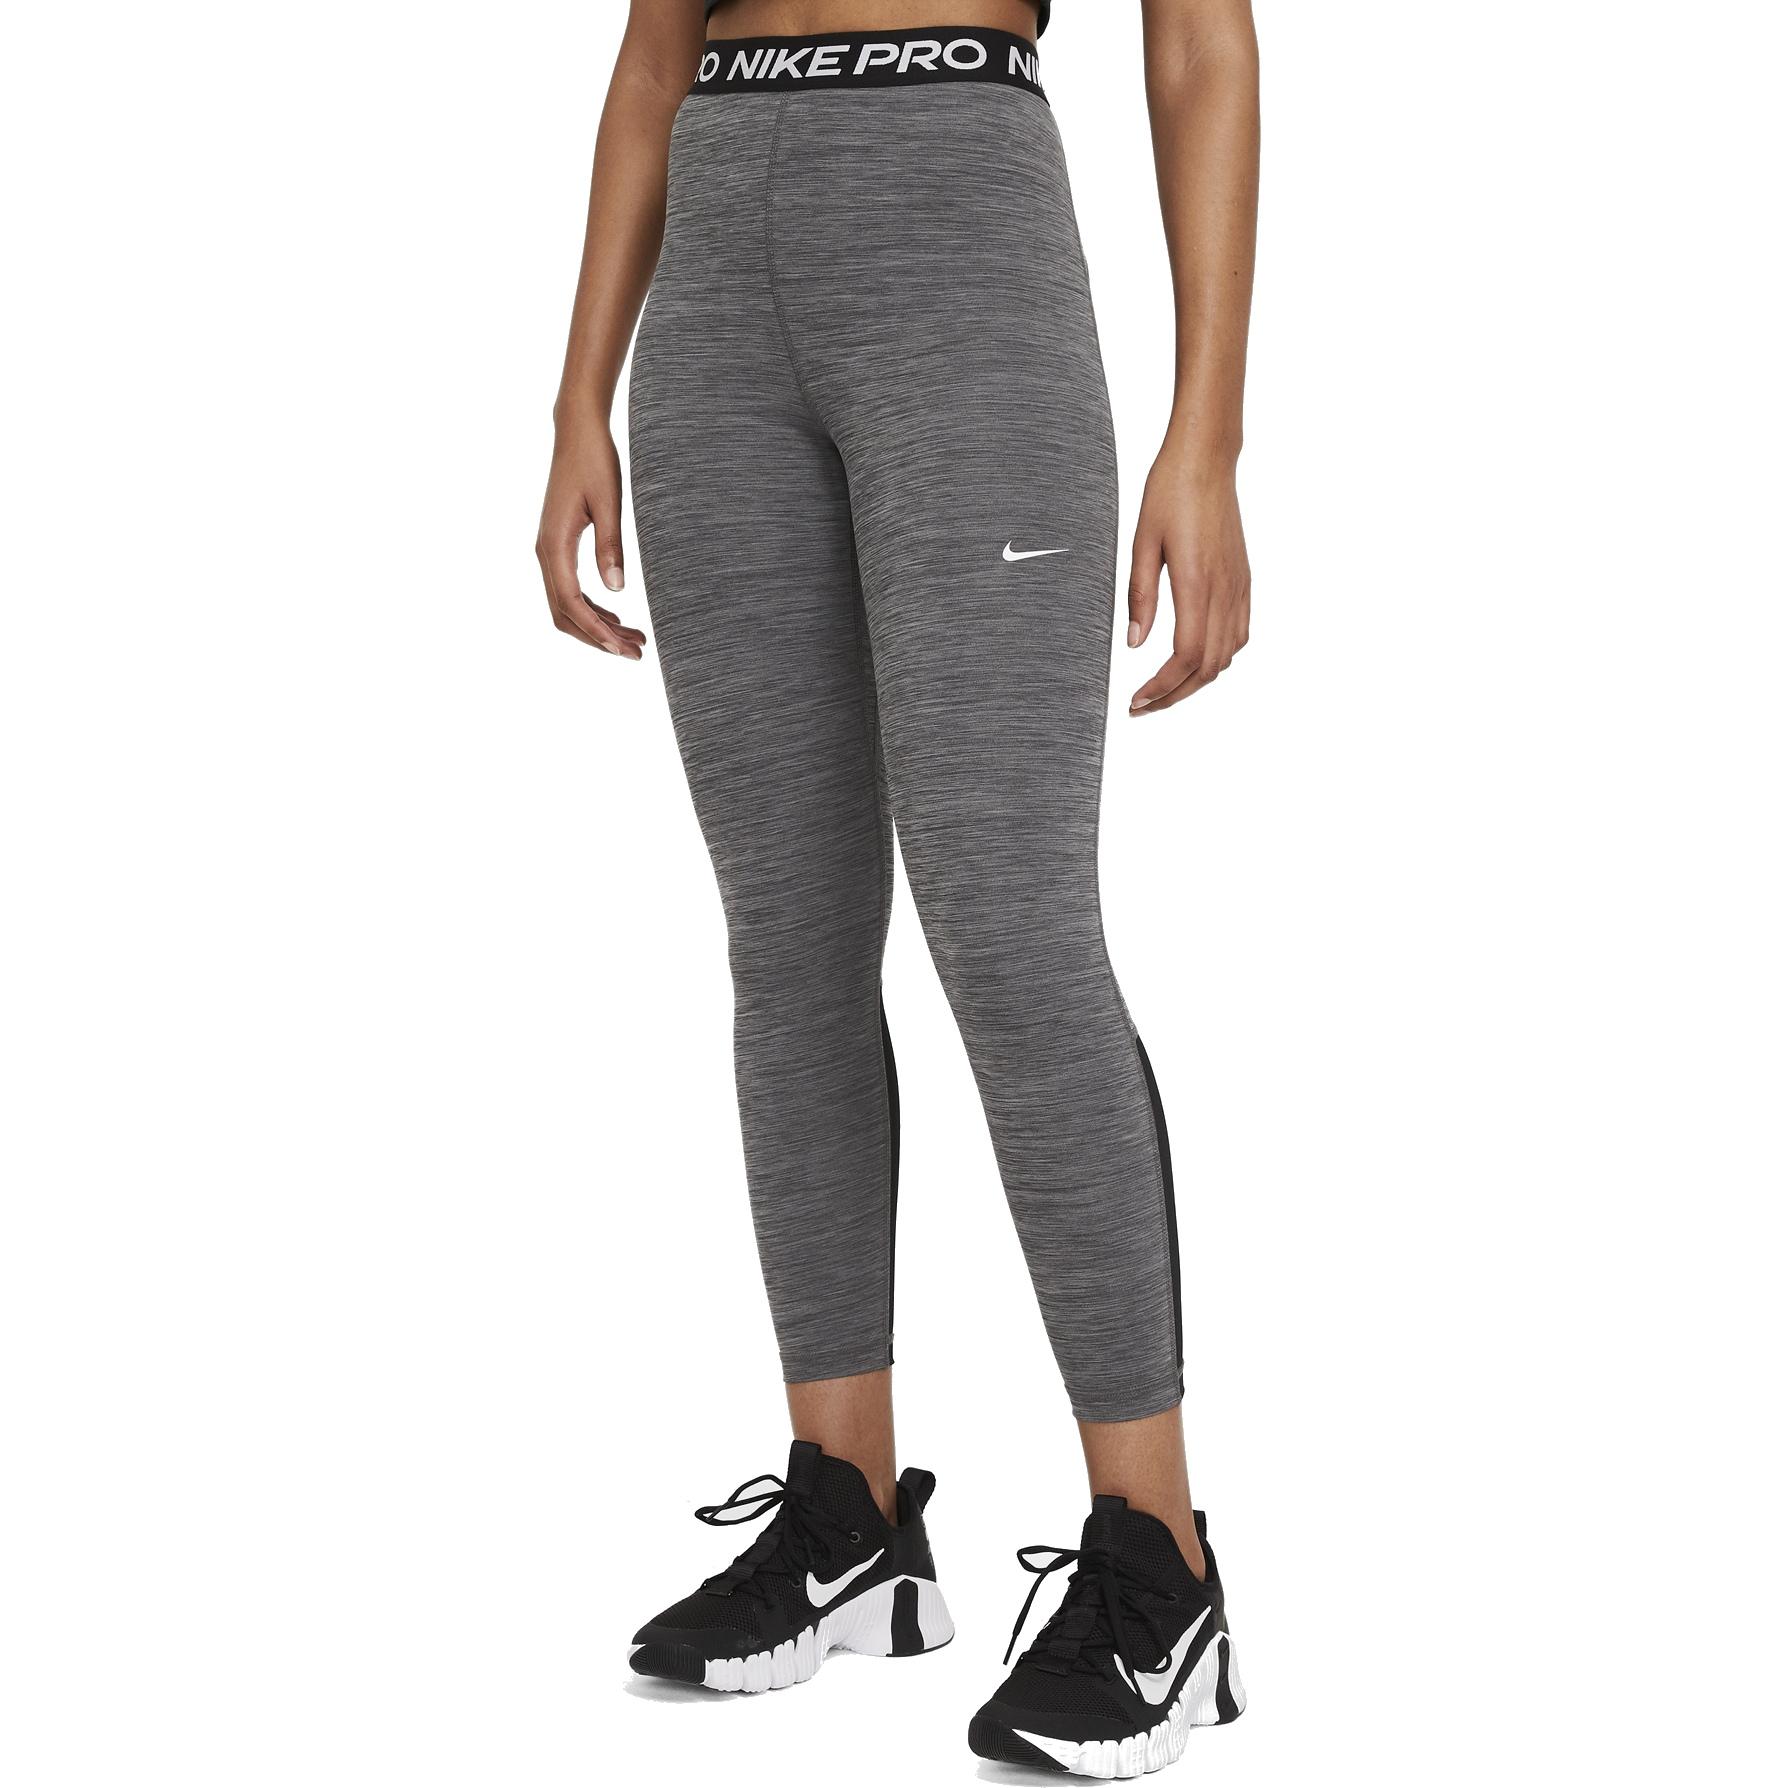 Foto de Nike Pro 365 Mallas para mujer 7/8 - black/htr/white DA0483-011